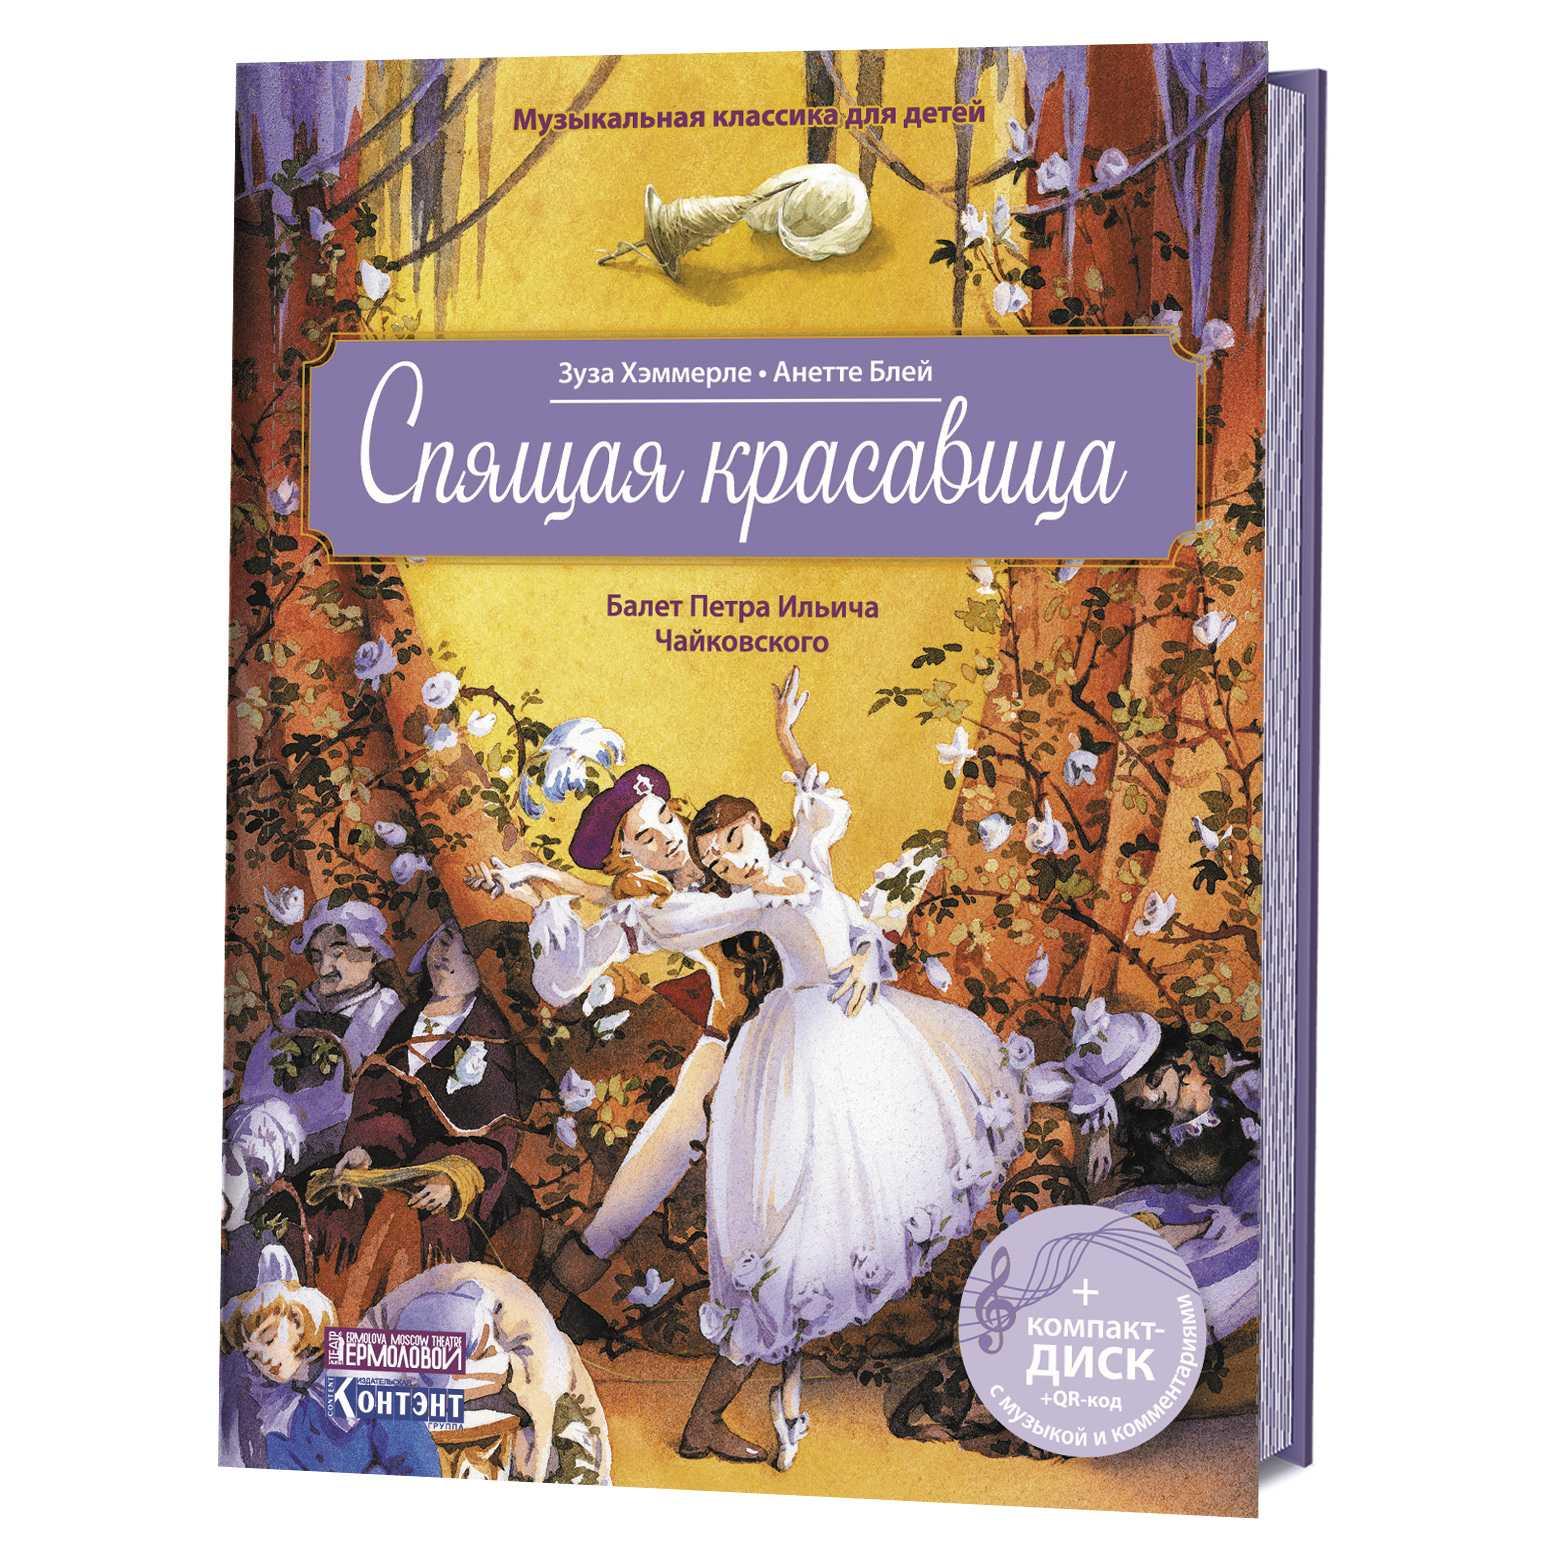 Спящая красавица: Балет Петра Ильича Чайковского